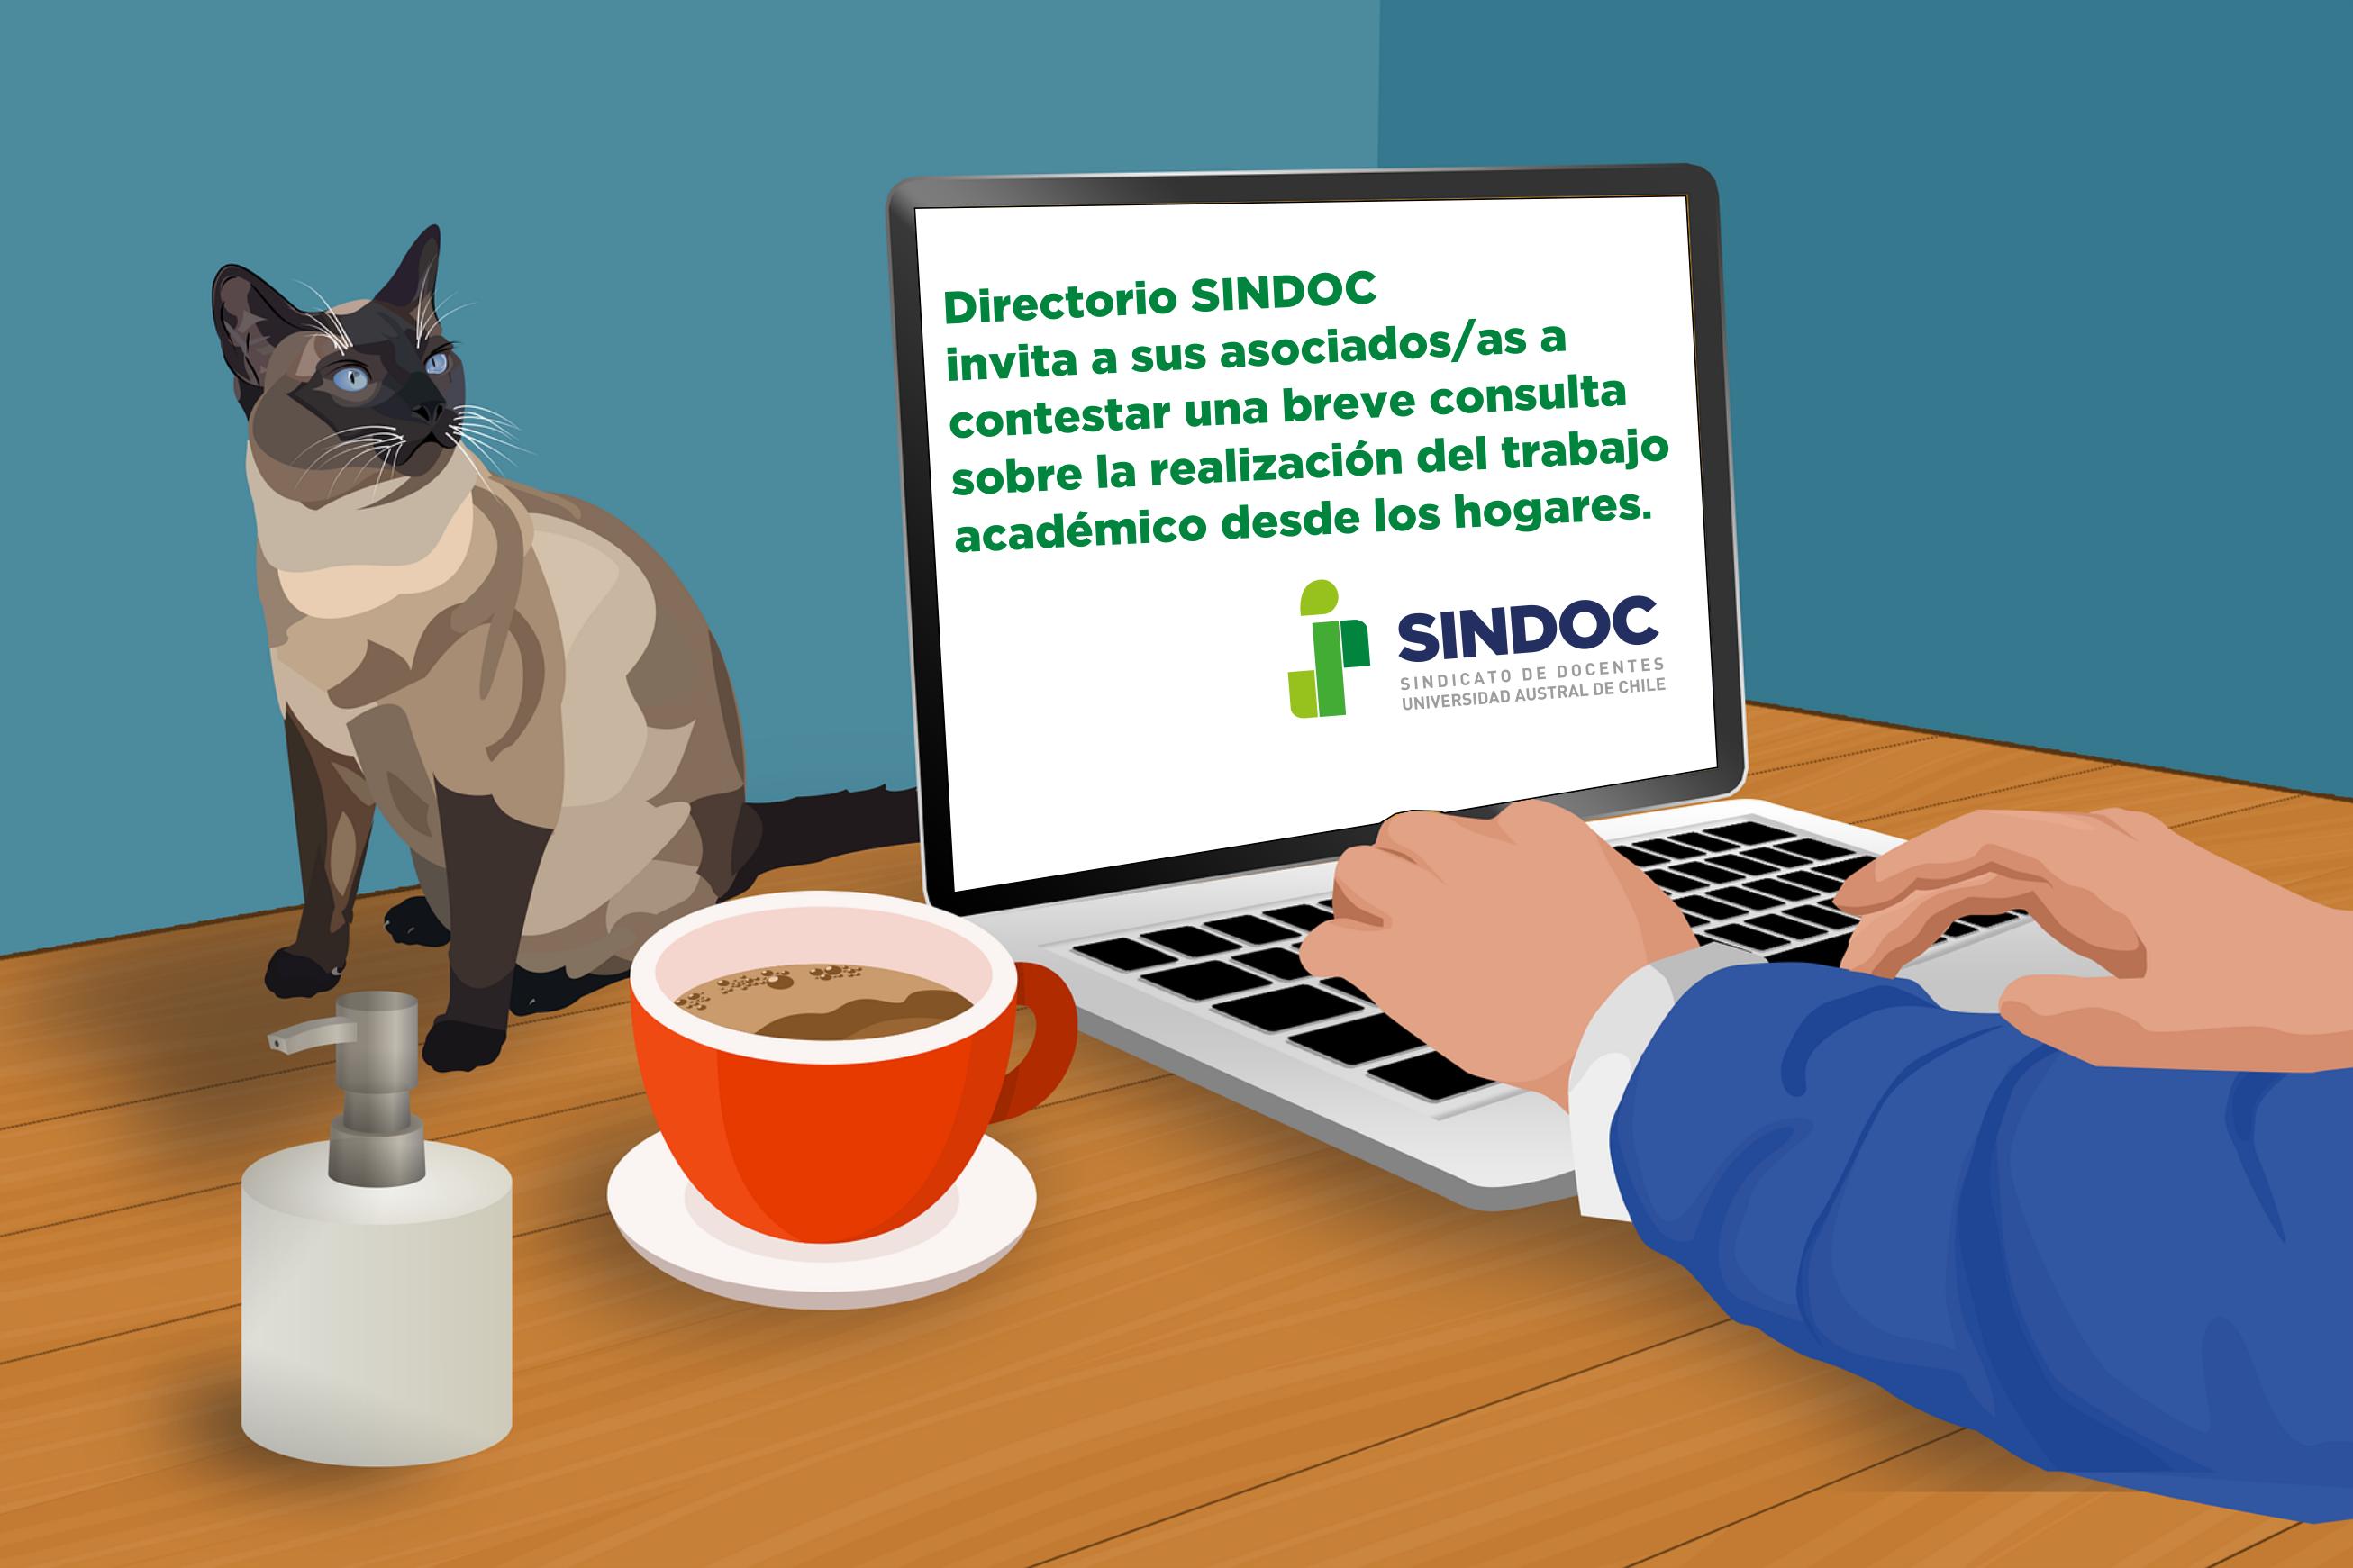 Directorio SINDOC invita a contestar consulta sobre la realización del trabajo académico desde los hogares.